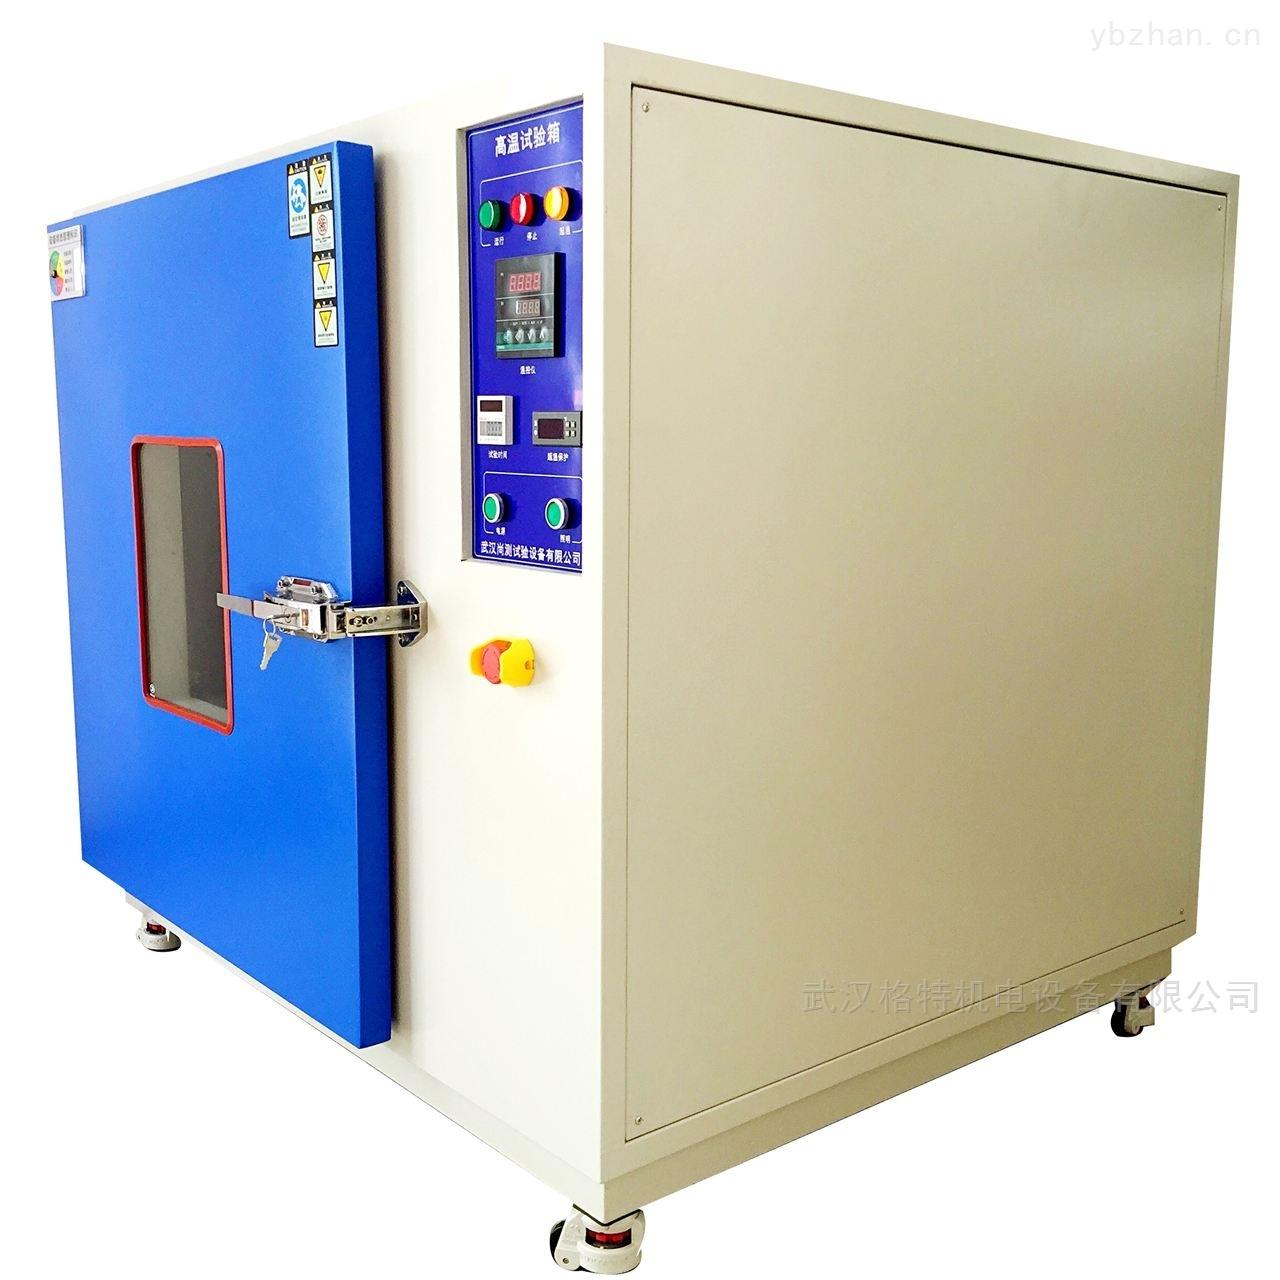 SC/BIX-38A-500度高溫烘箱